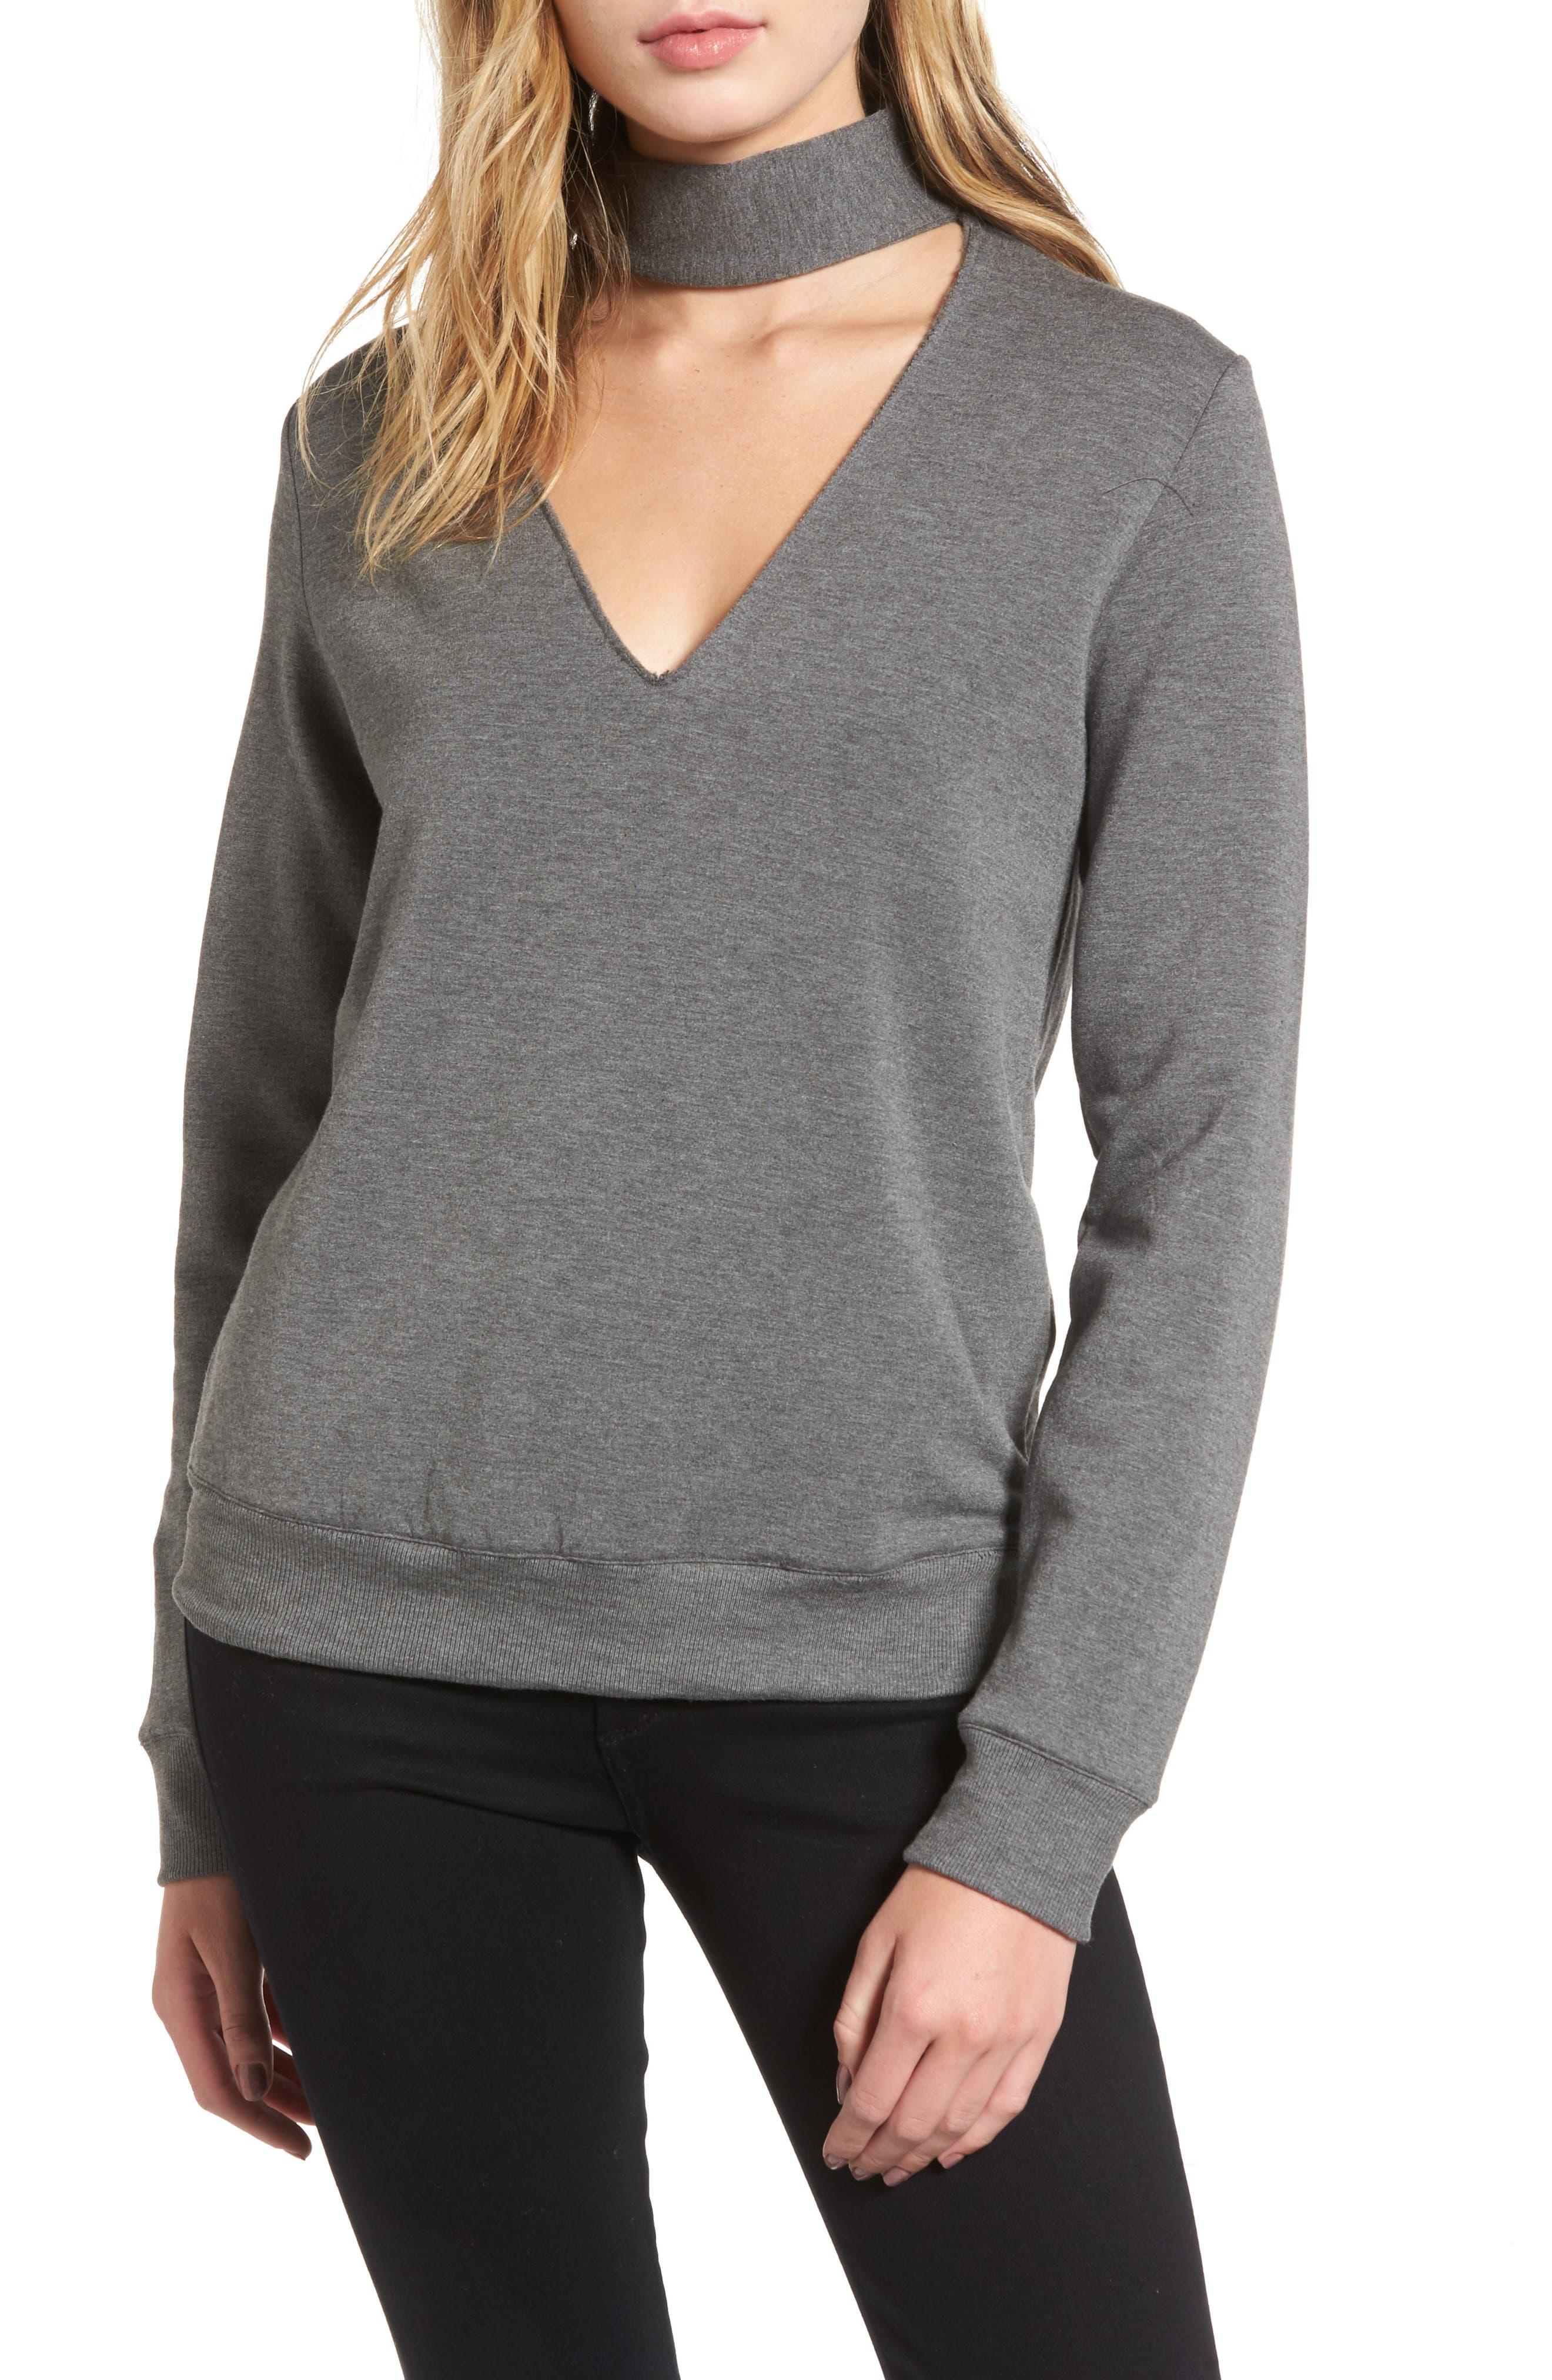 Alternate Image 1 Selected - Bailey 44 Eye Splice Choker Sweatshirt